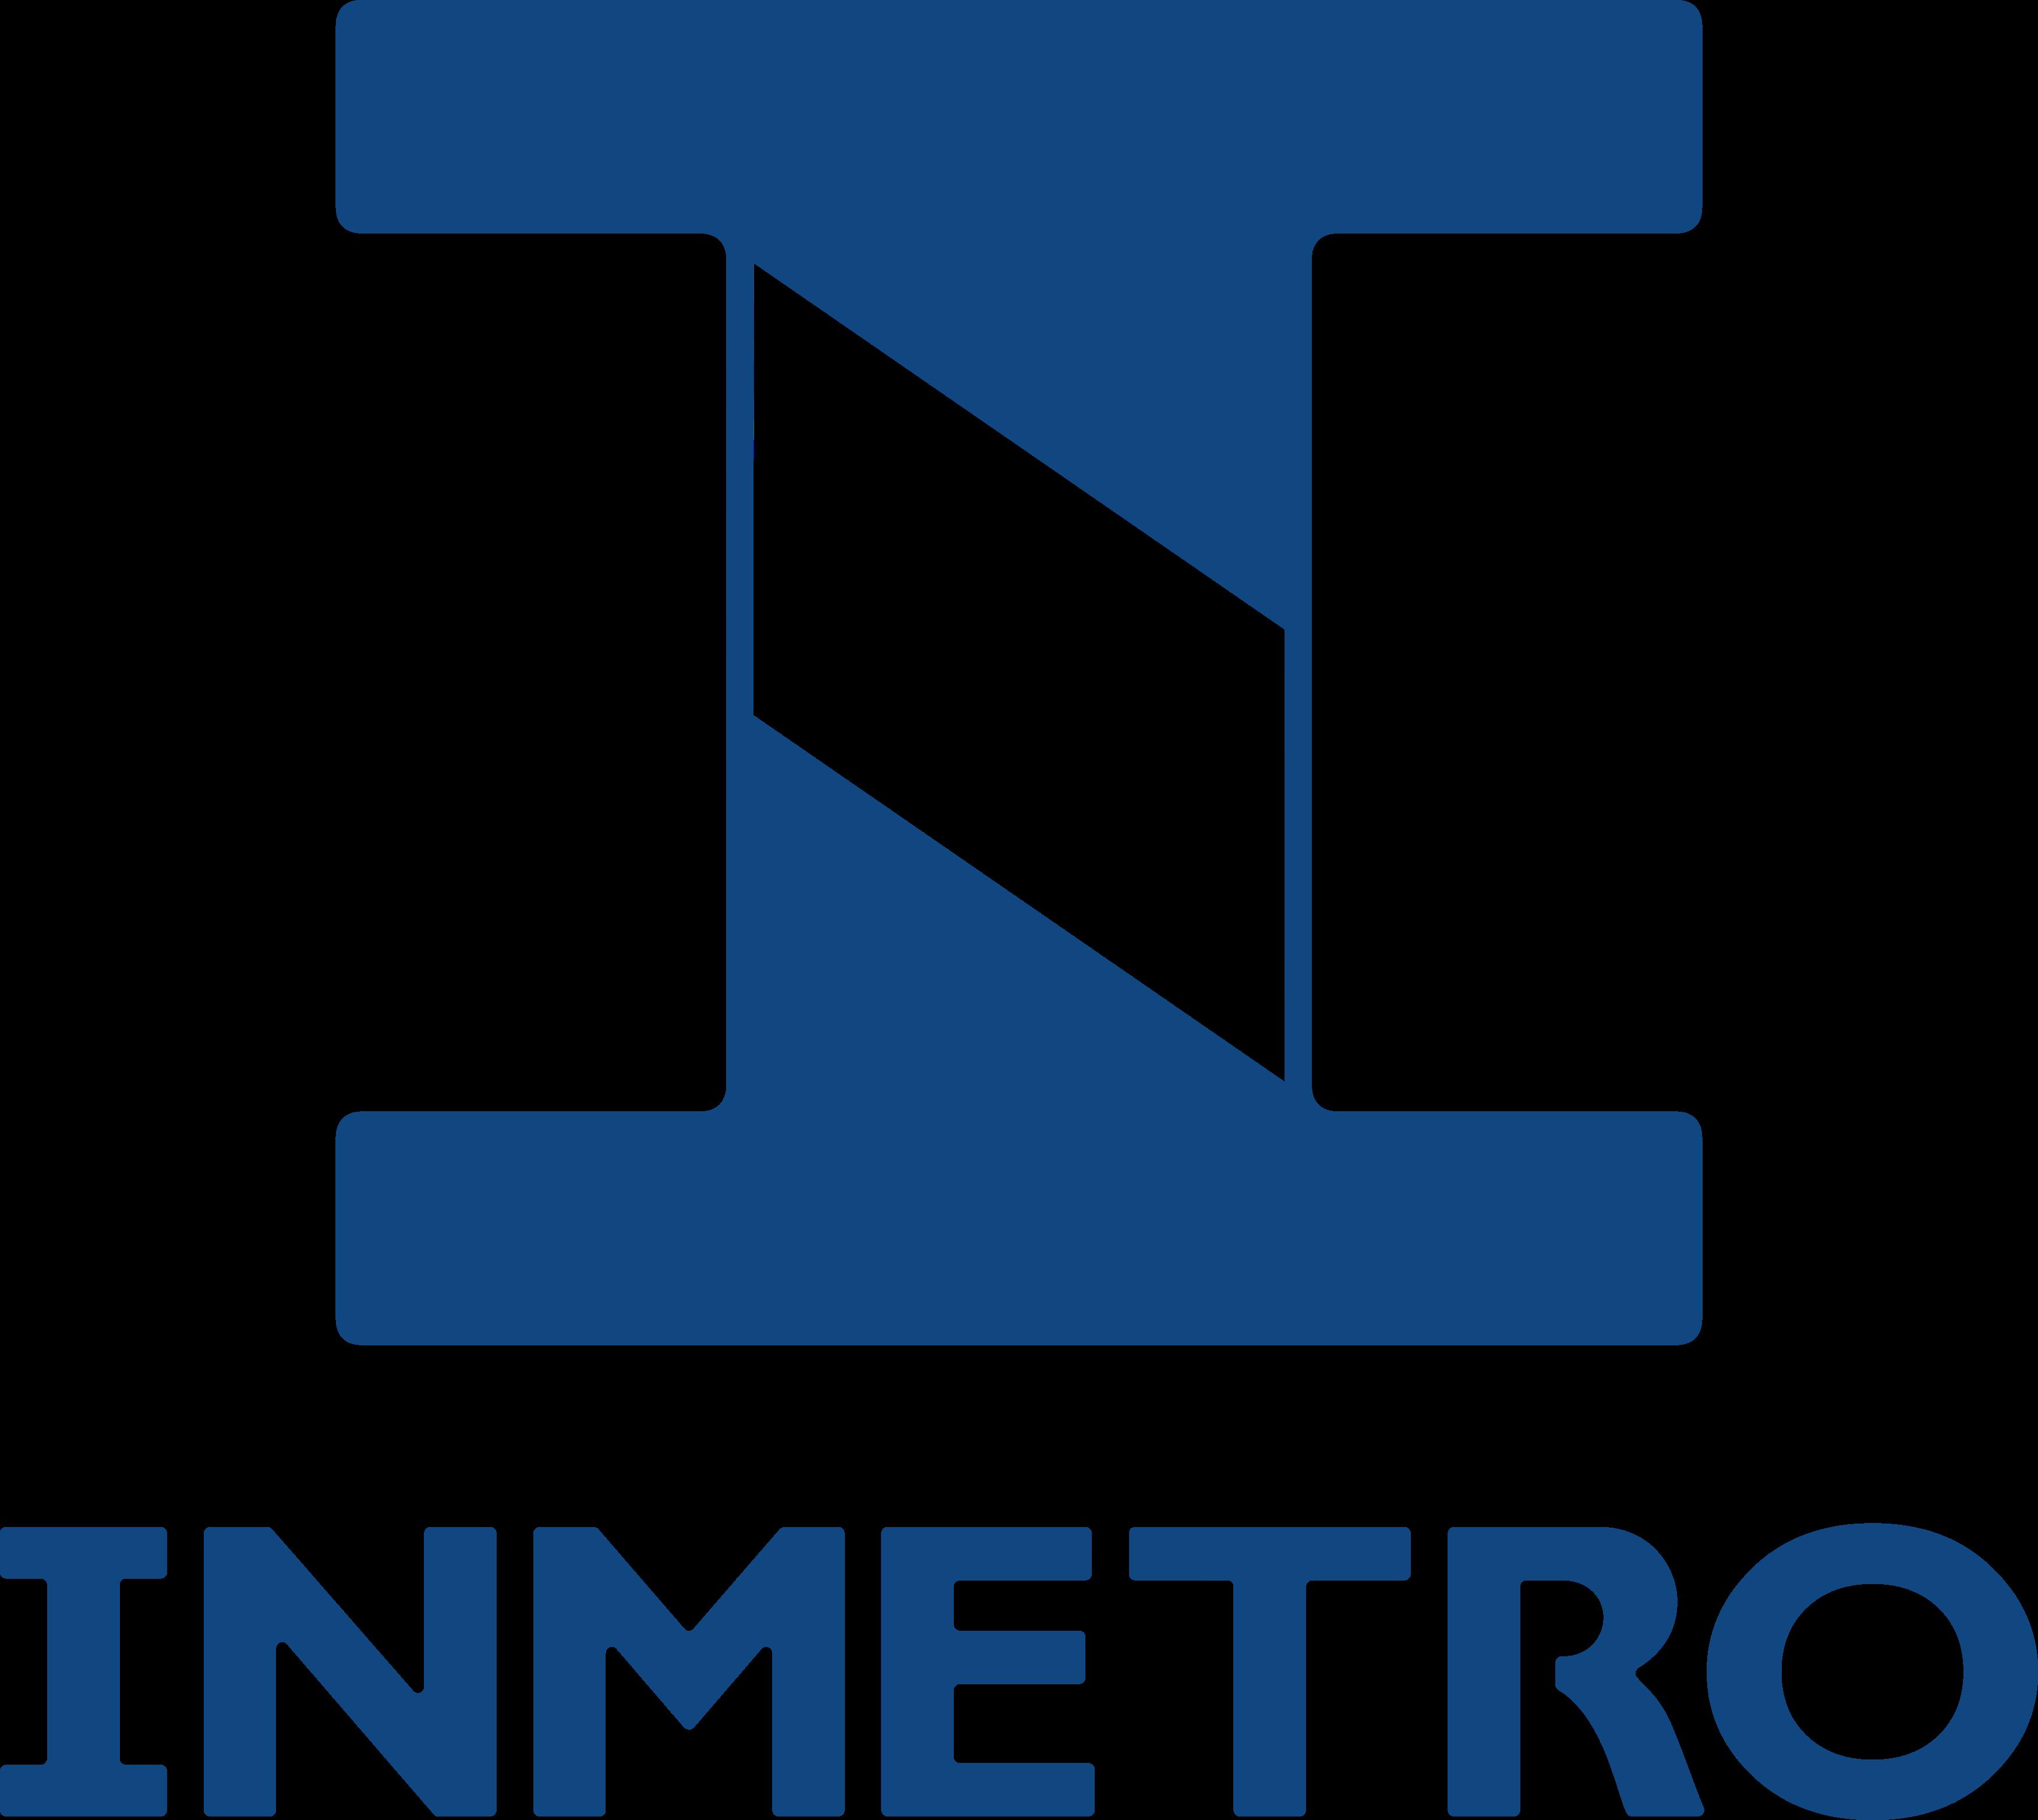 inmetro logo.